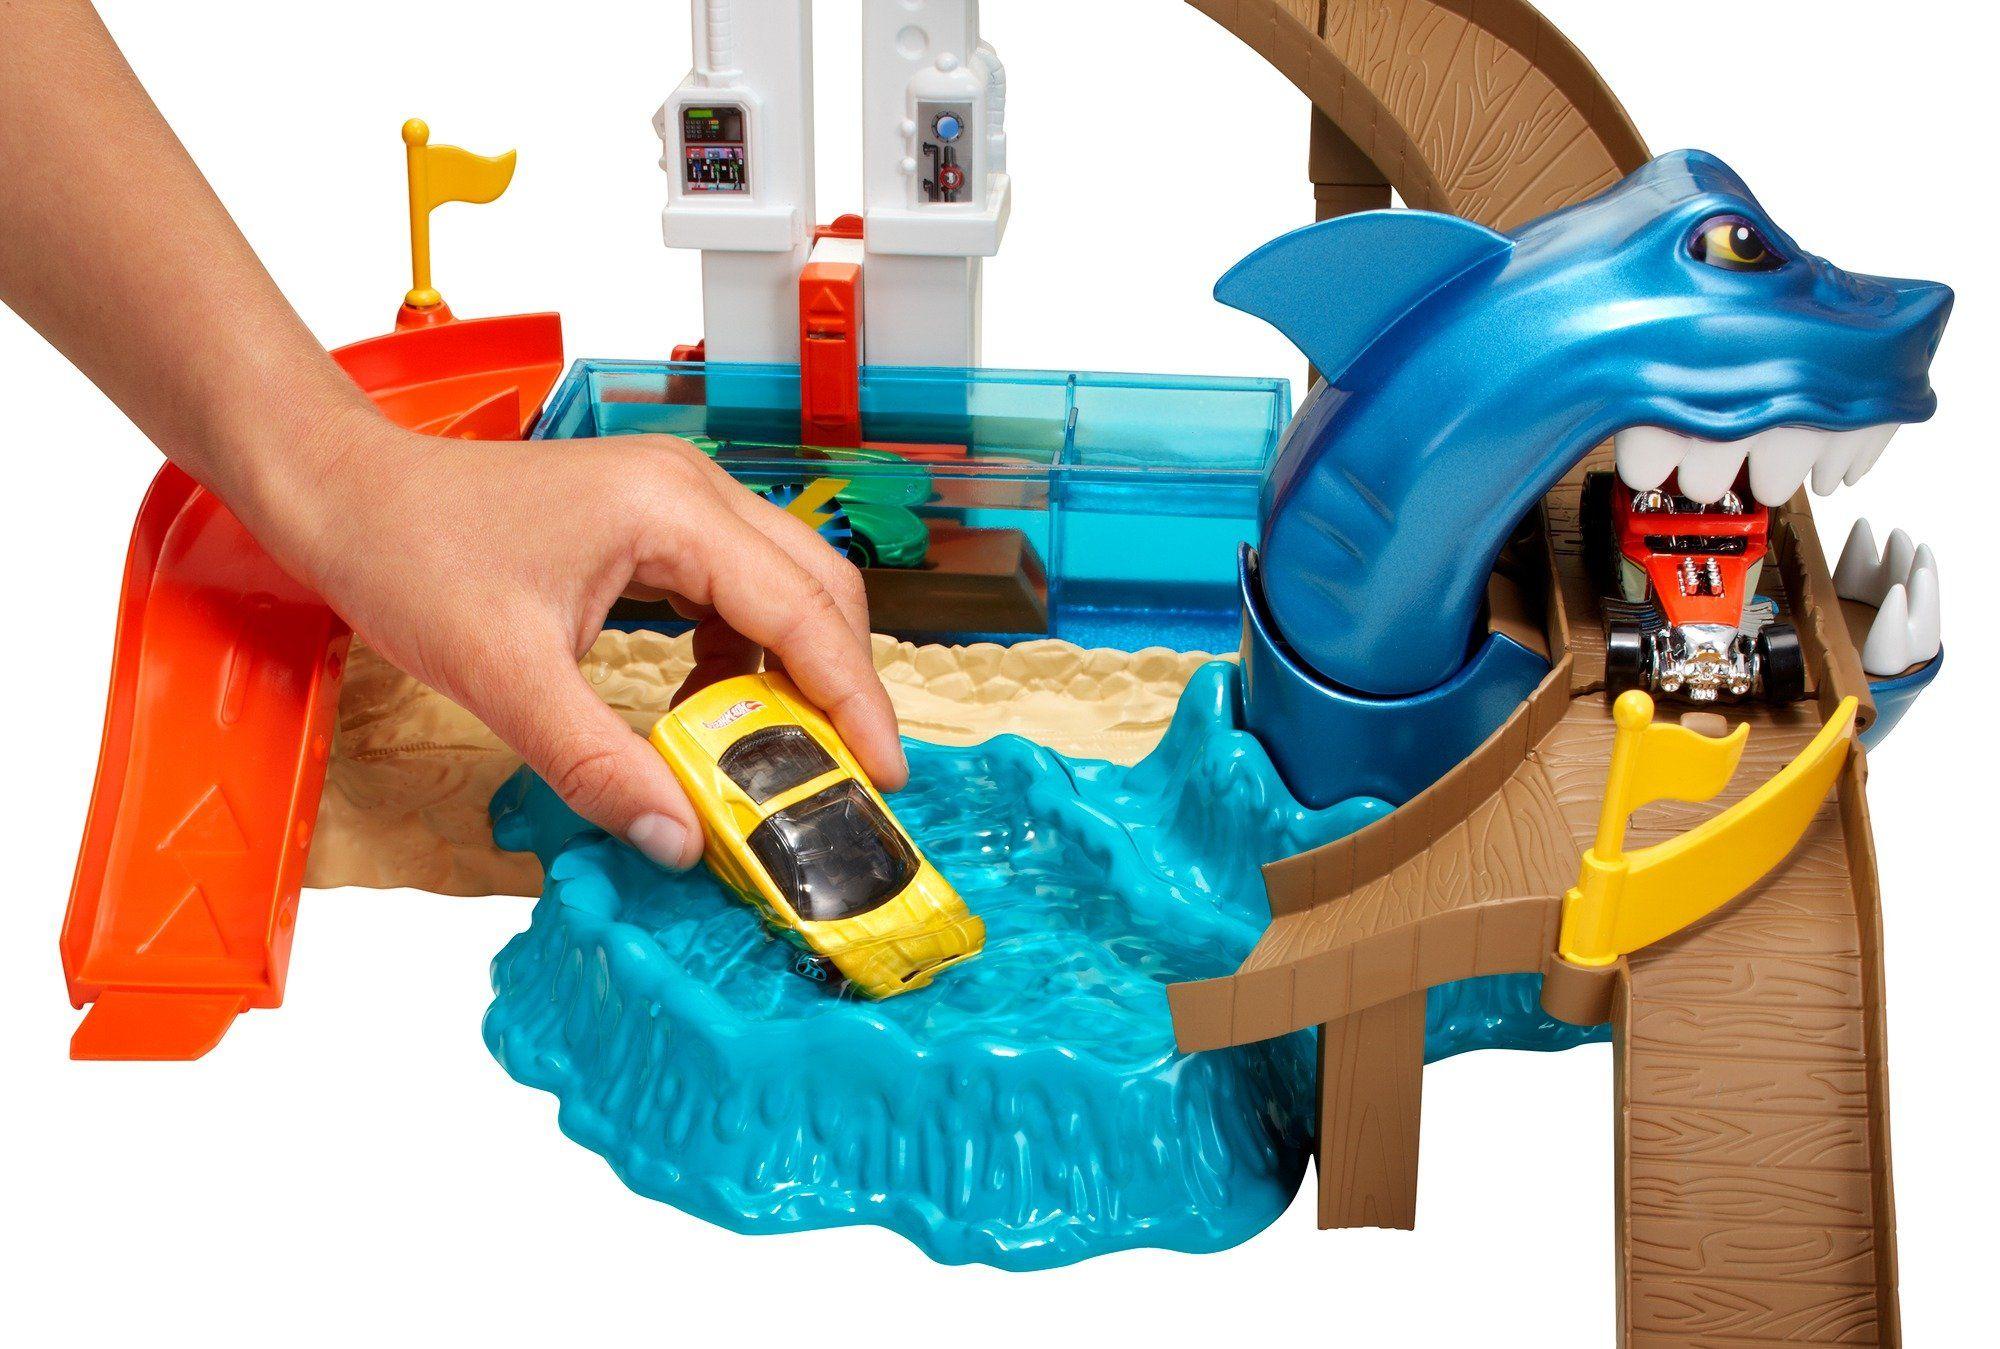 Комплект за игра Hot Wheels - Писта акула и колички с промяна на цвета - 3